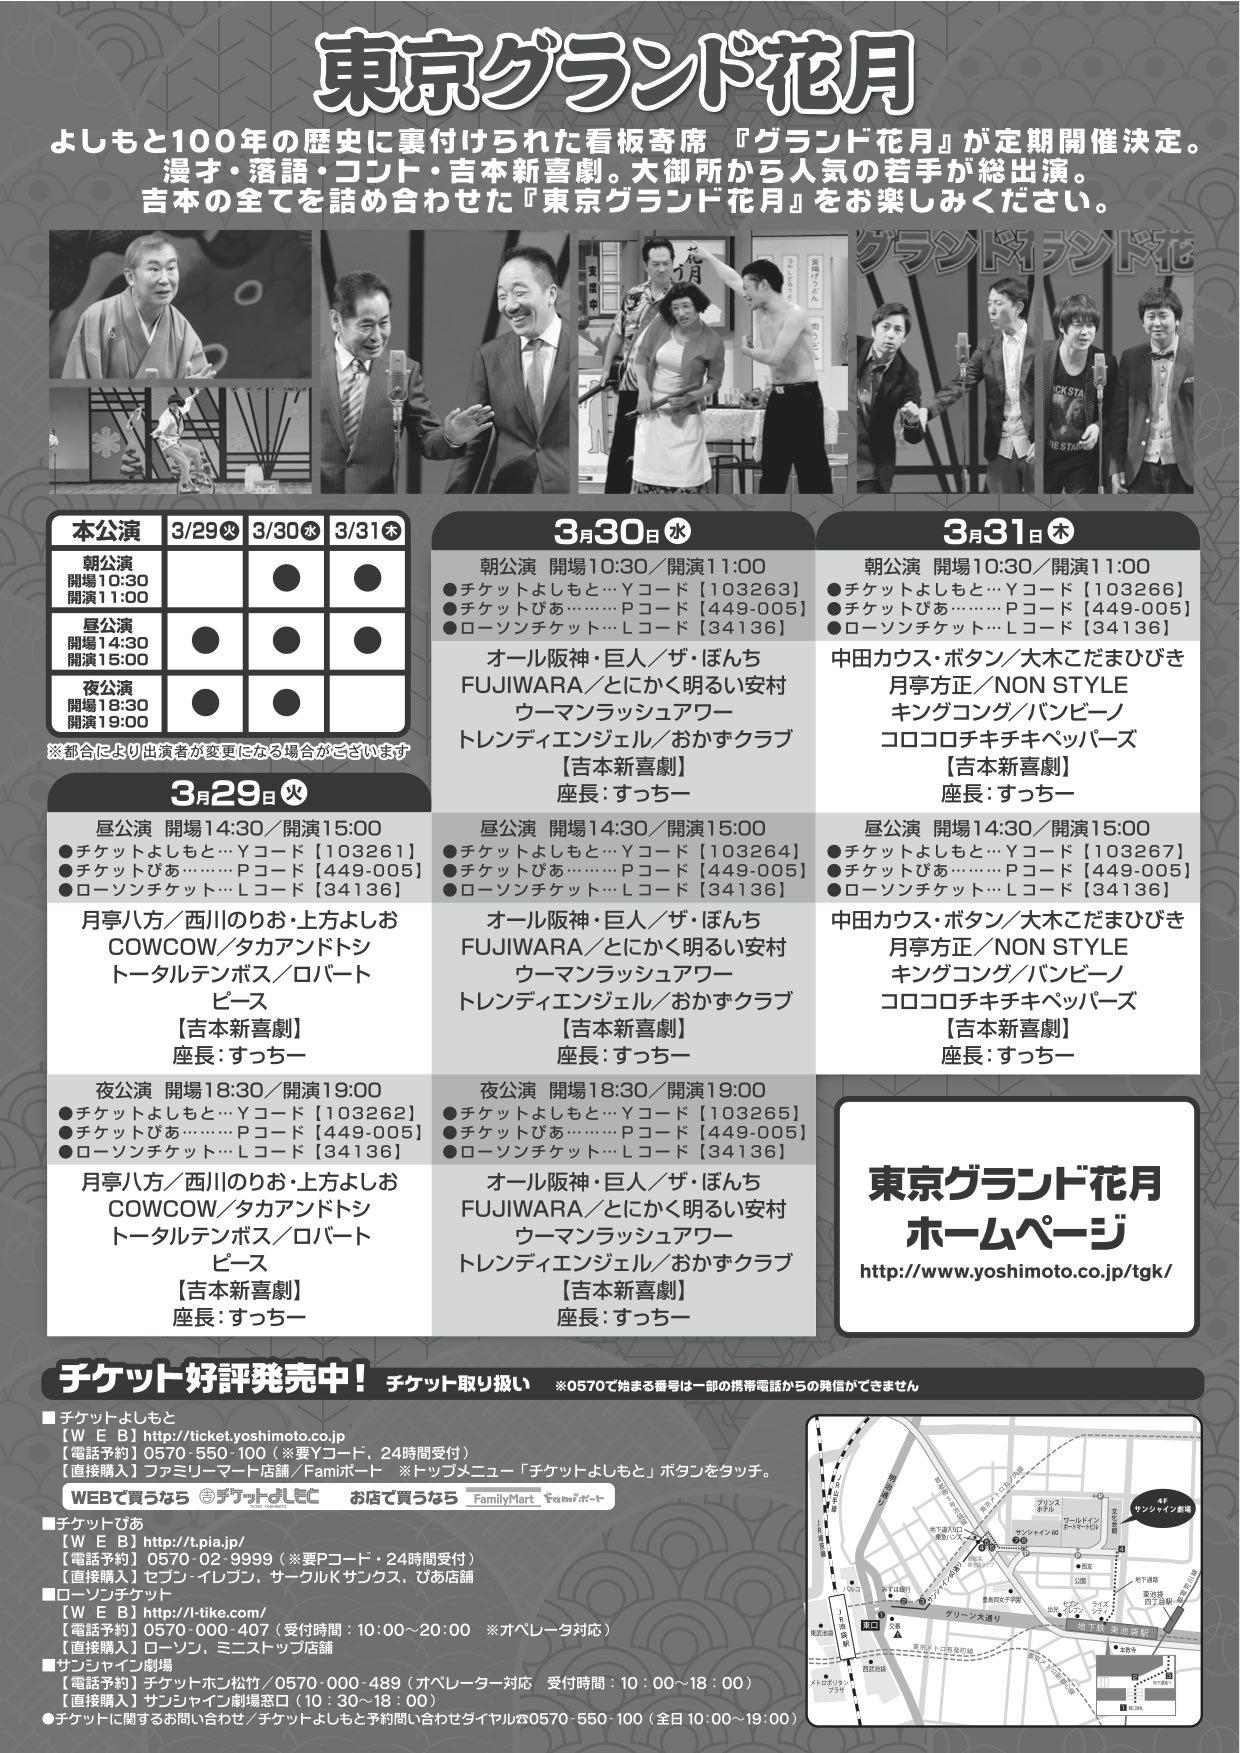 http://www.syumatsu.jp/20160128195854-dcfbe315dd1b5f449b024c1f6a2b014072b19eb6.jpg